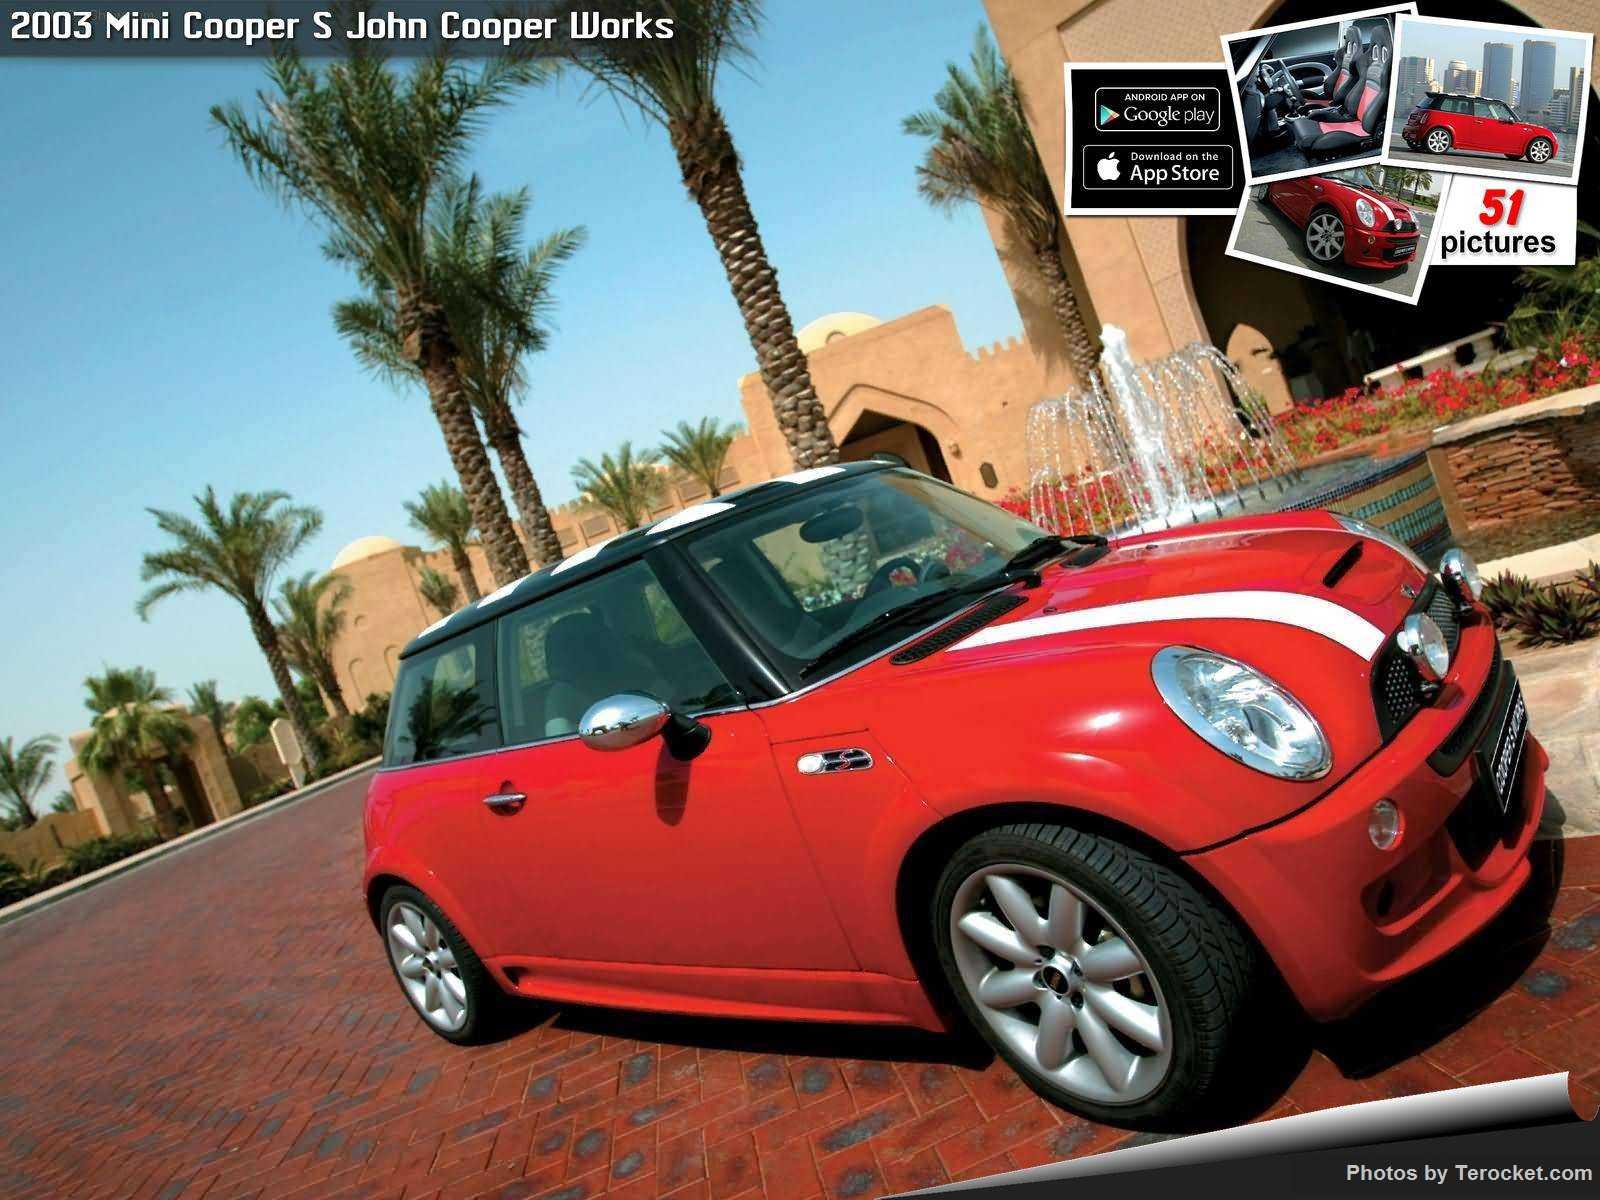 Hình ảnh xe ô tô Mini Cooper S John Cooper Works 2003 & nội ngoại thất